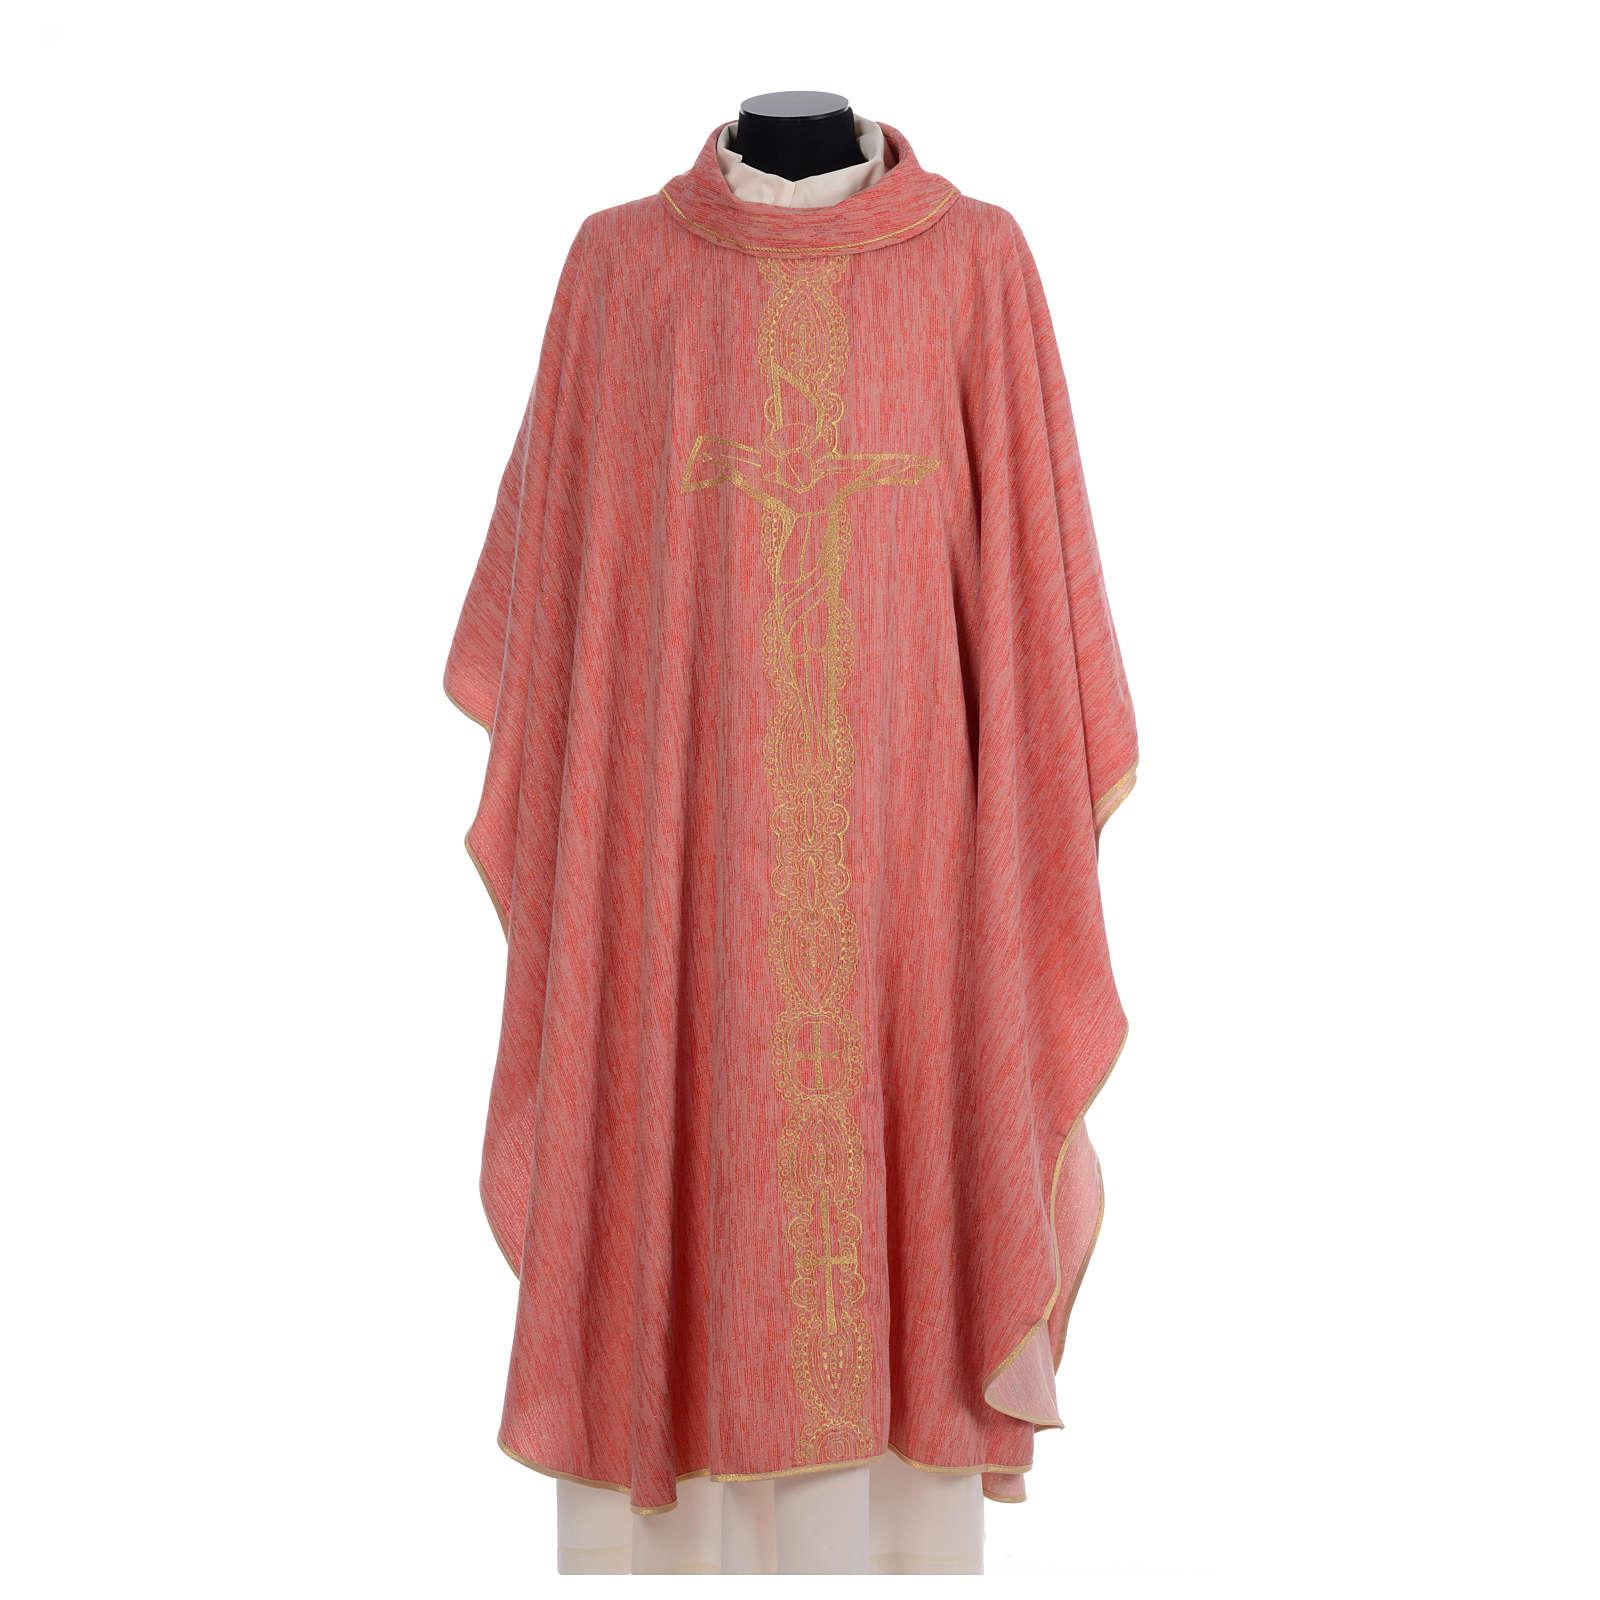 Casula liturgica con croce e ricami in oro 4